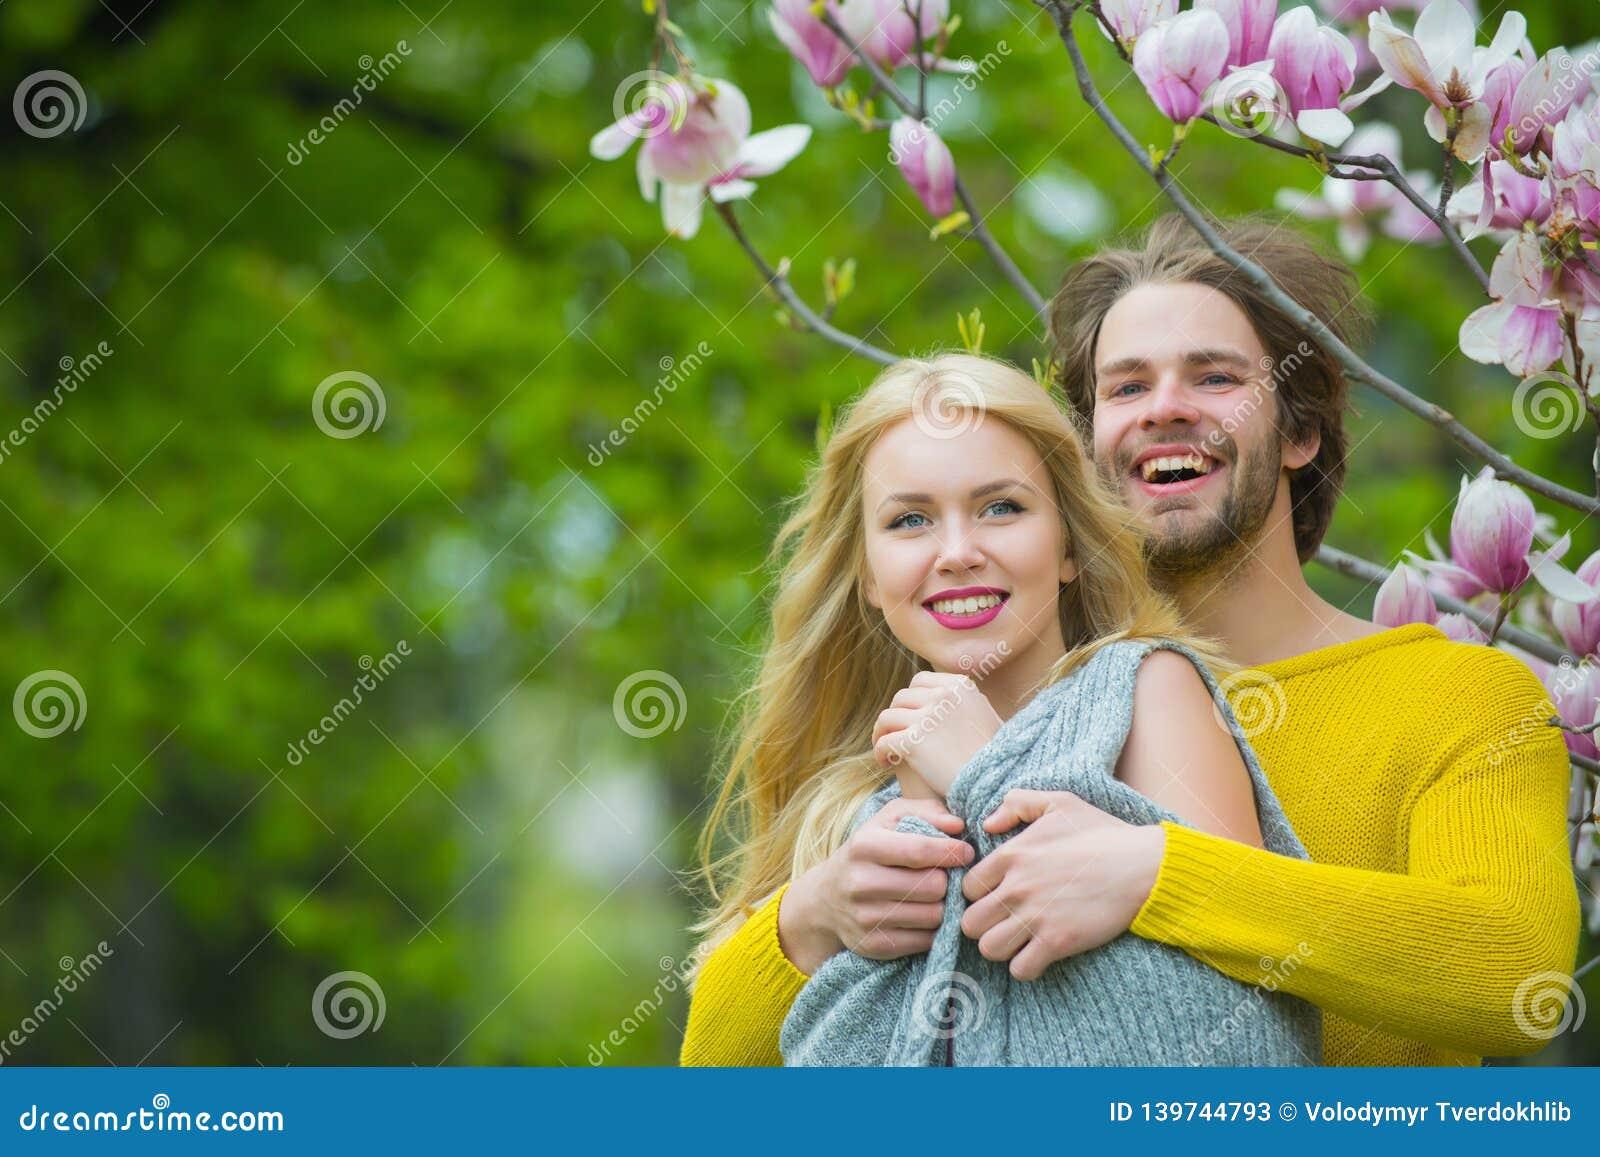 Magnolia dating 999 ystäviä dating